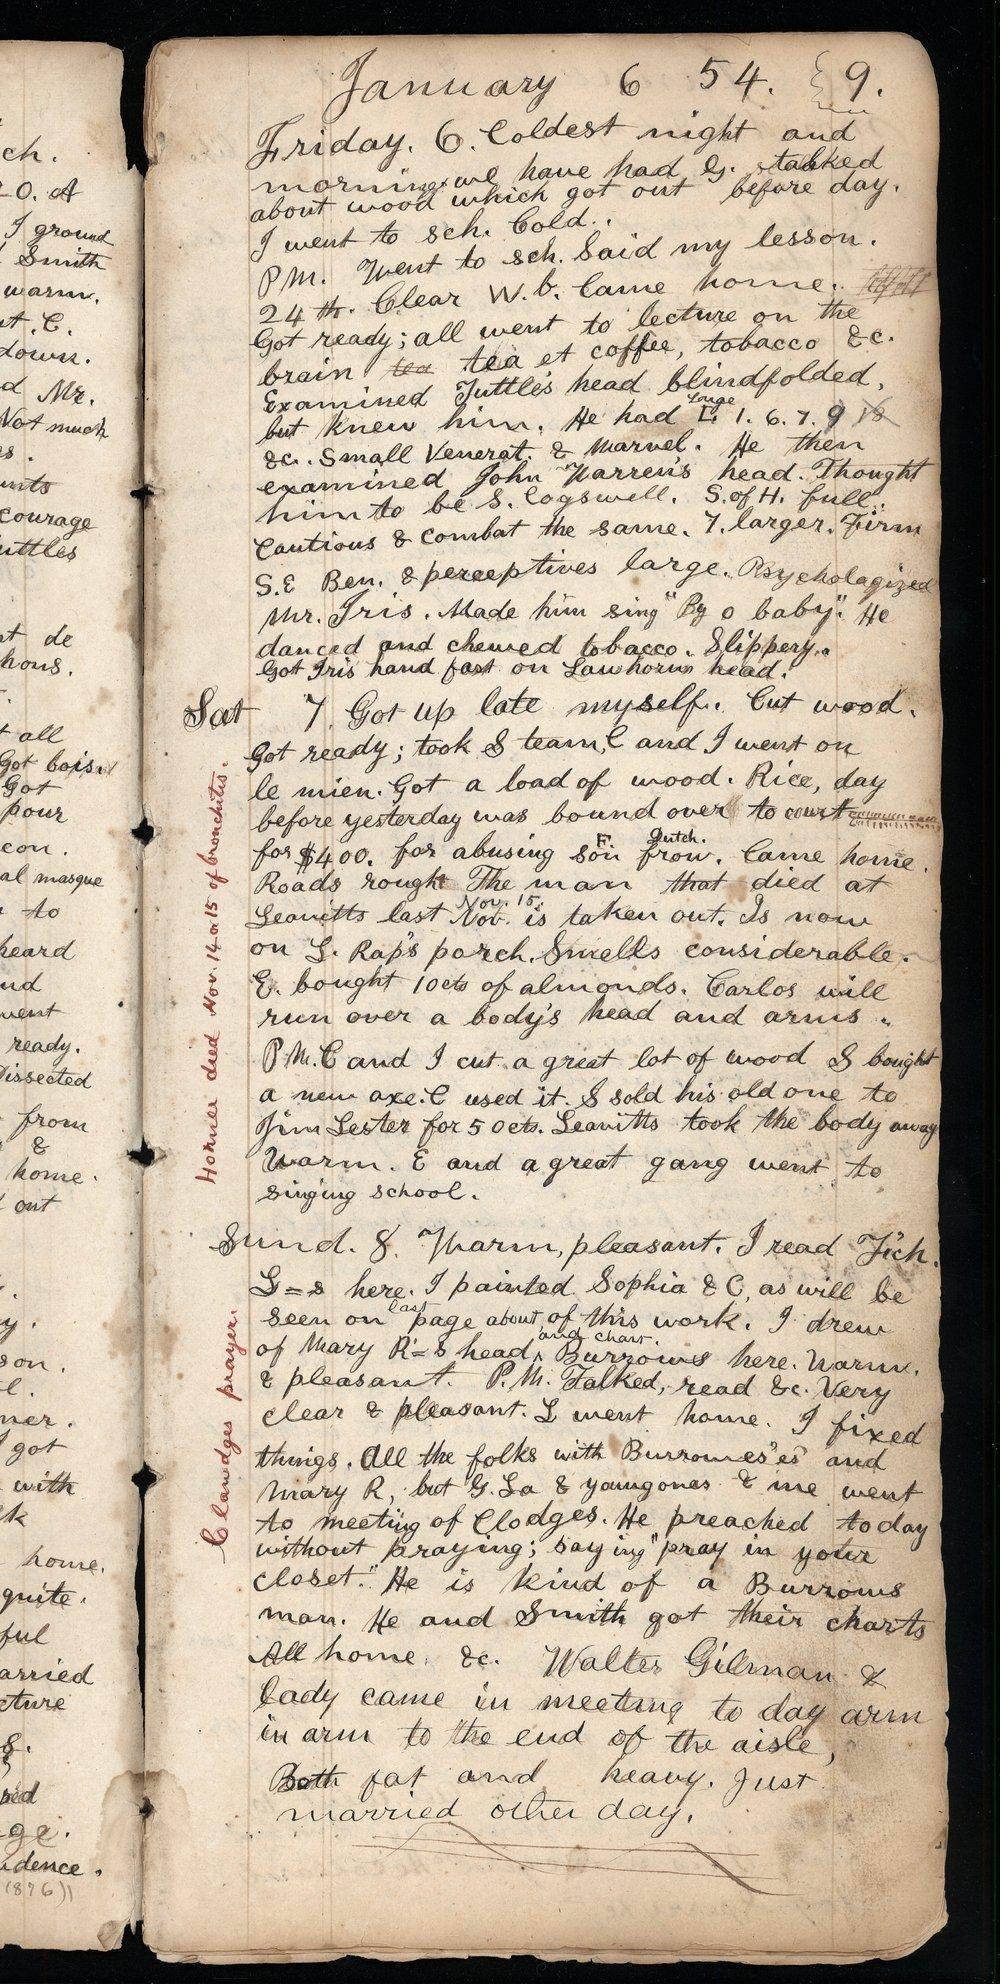 Samuel Reader's diary, volume 3 - 9